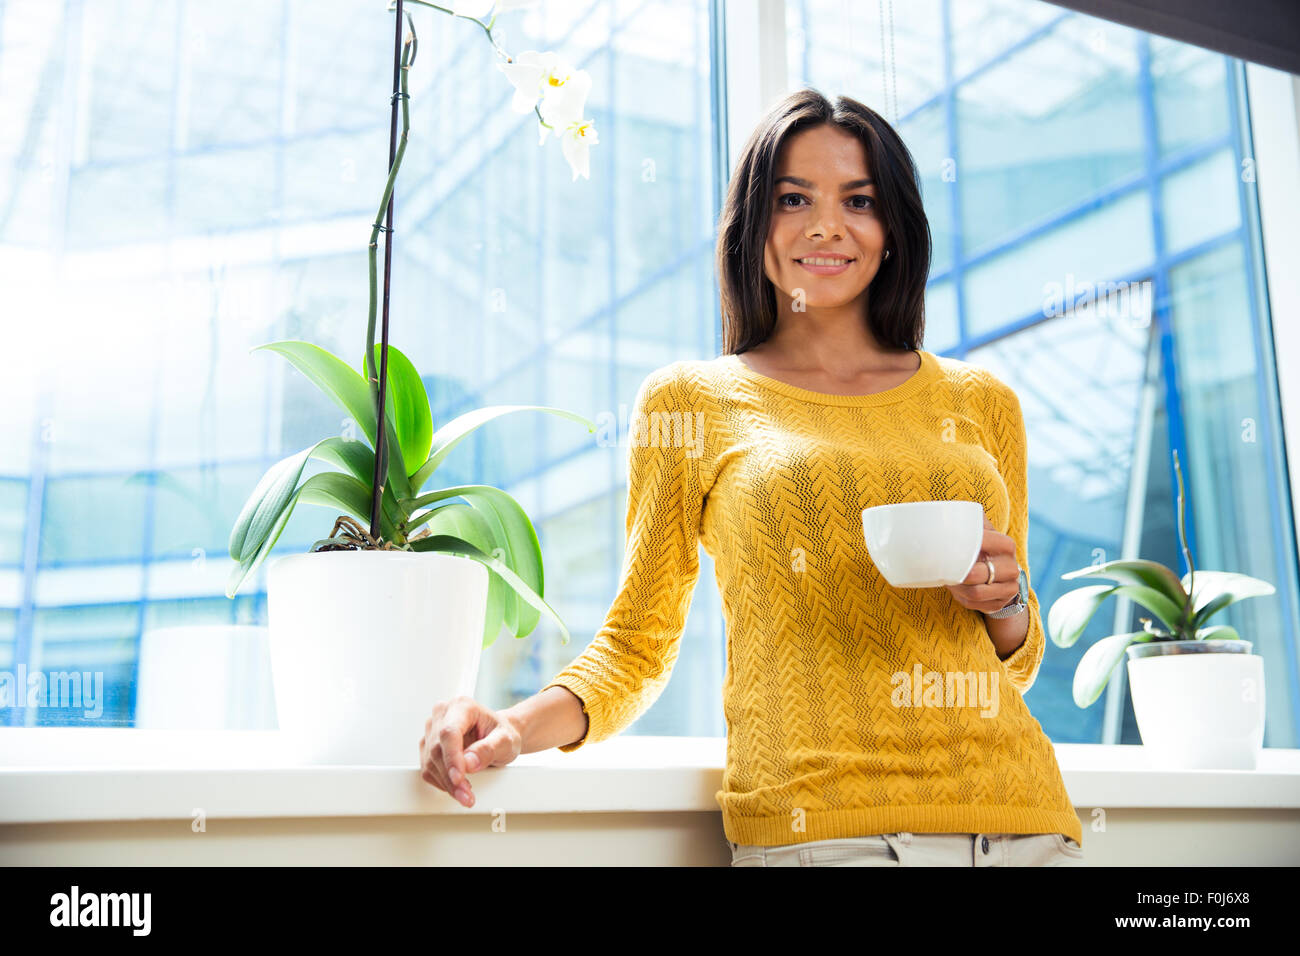 Retrato de un sonriente empresaria de pie con una taza de café en la oficina Imagen De Stock